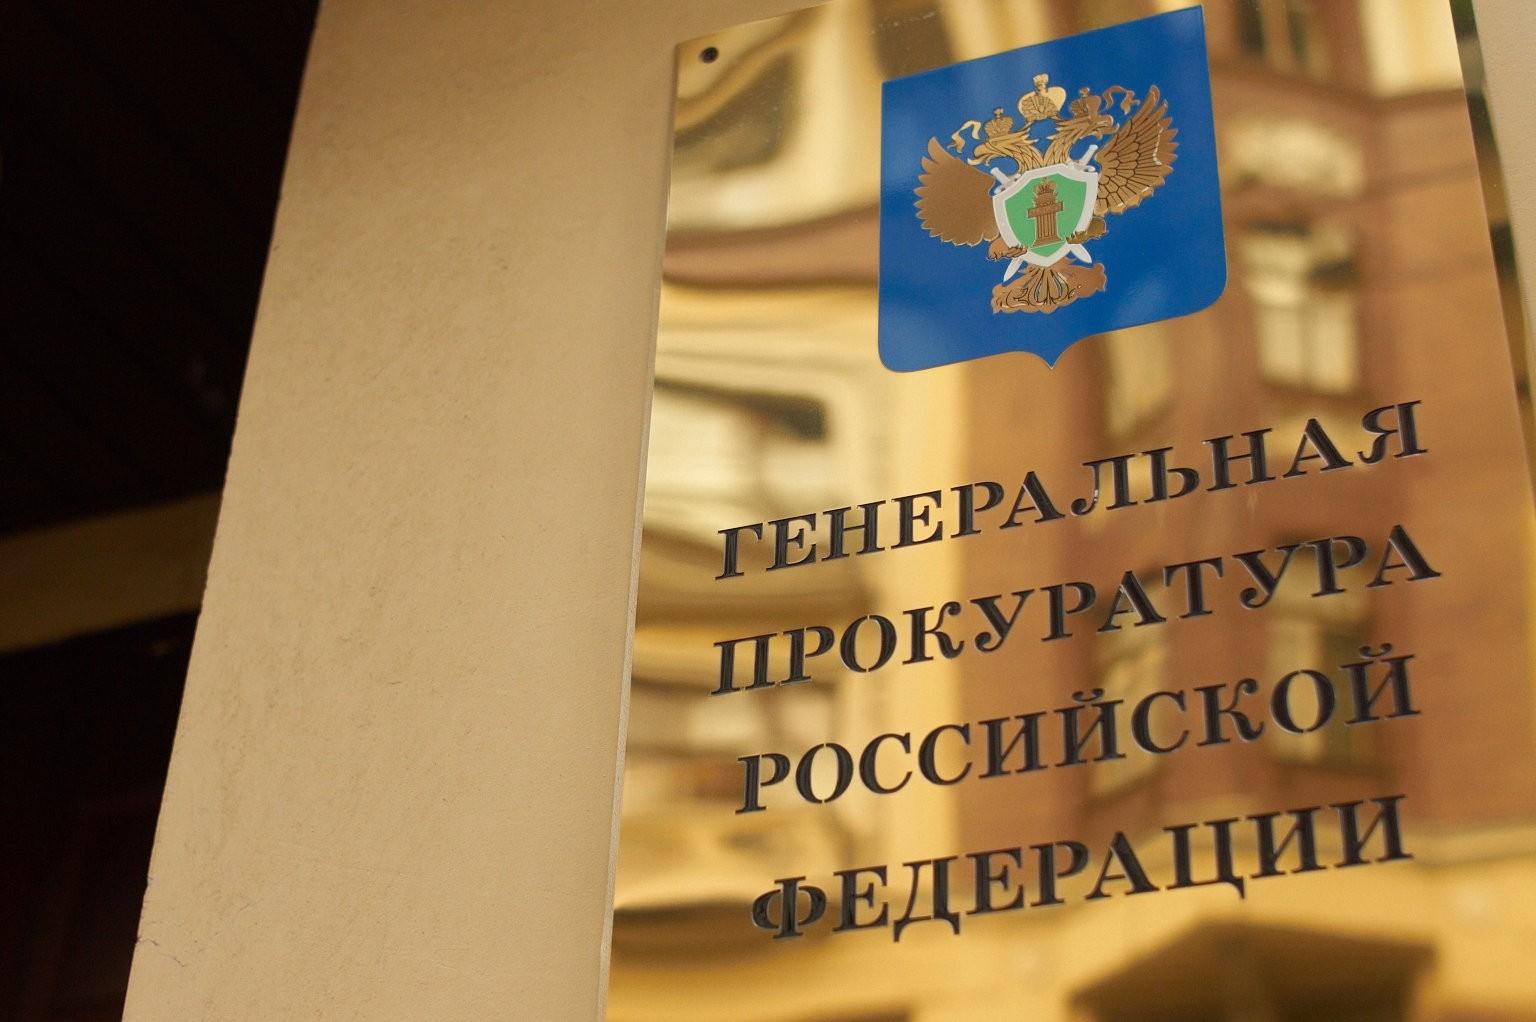 Названы регионы Российской Федерации, где впервую очередь пьют зарулем